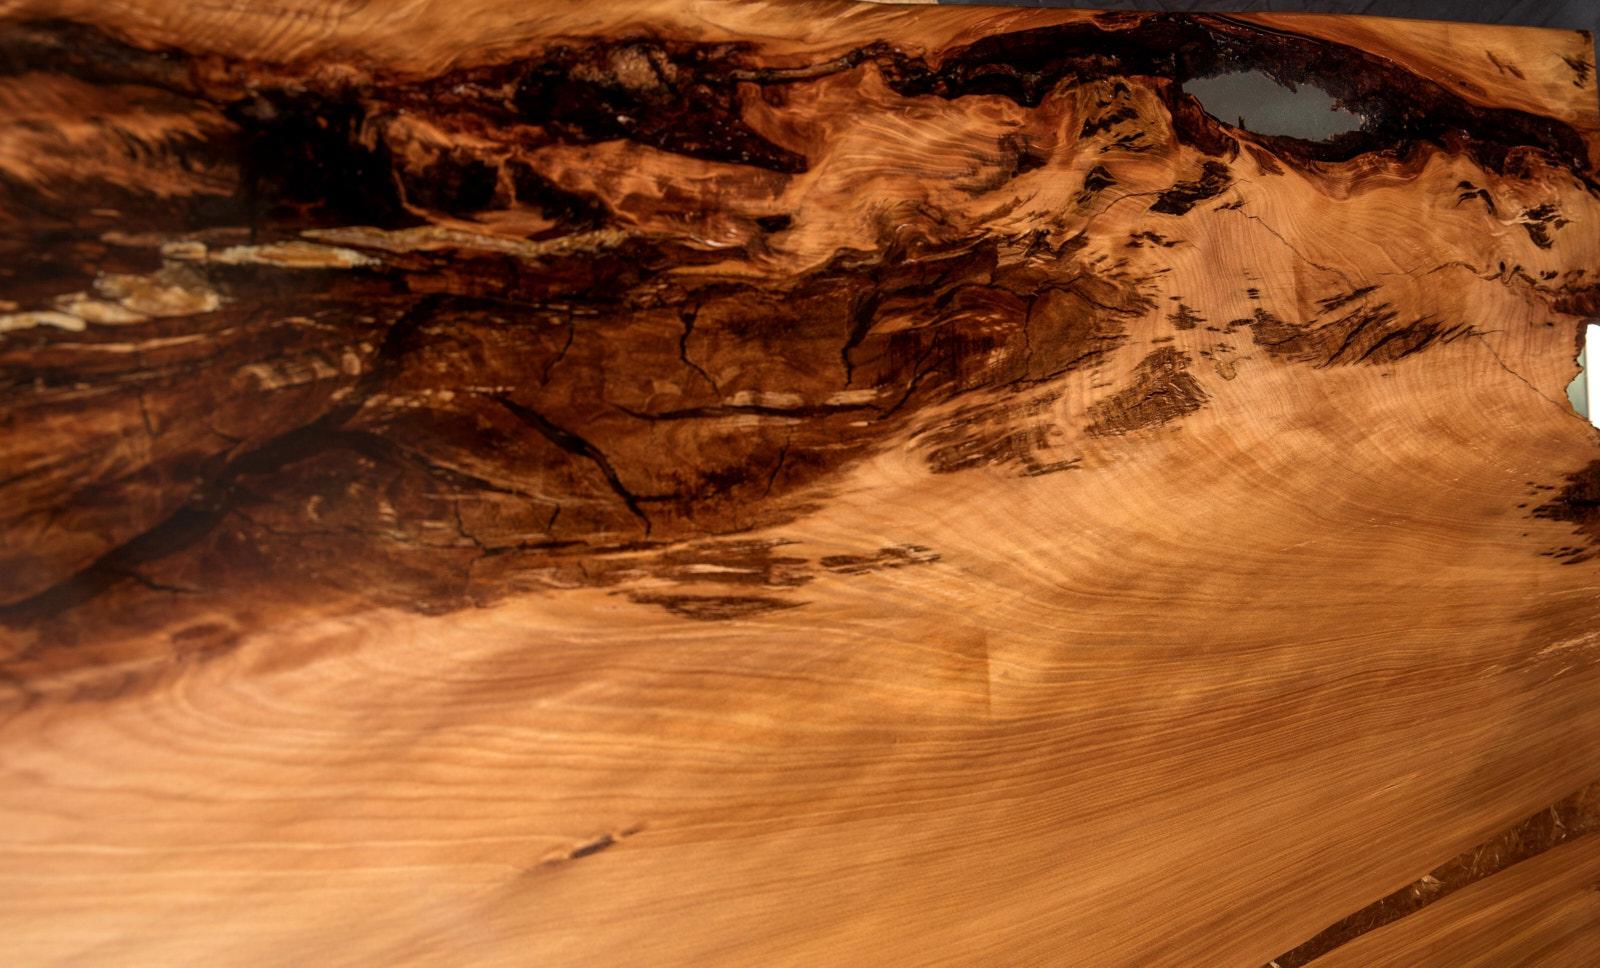 Kauri Holz mit sehr schöner Maserung des besonderen, aussergewöhnlichen Holztisches mit massiver Kauri Tischplatte aus tausendjährigem Holz